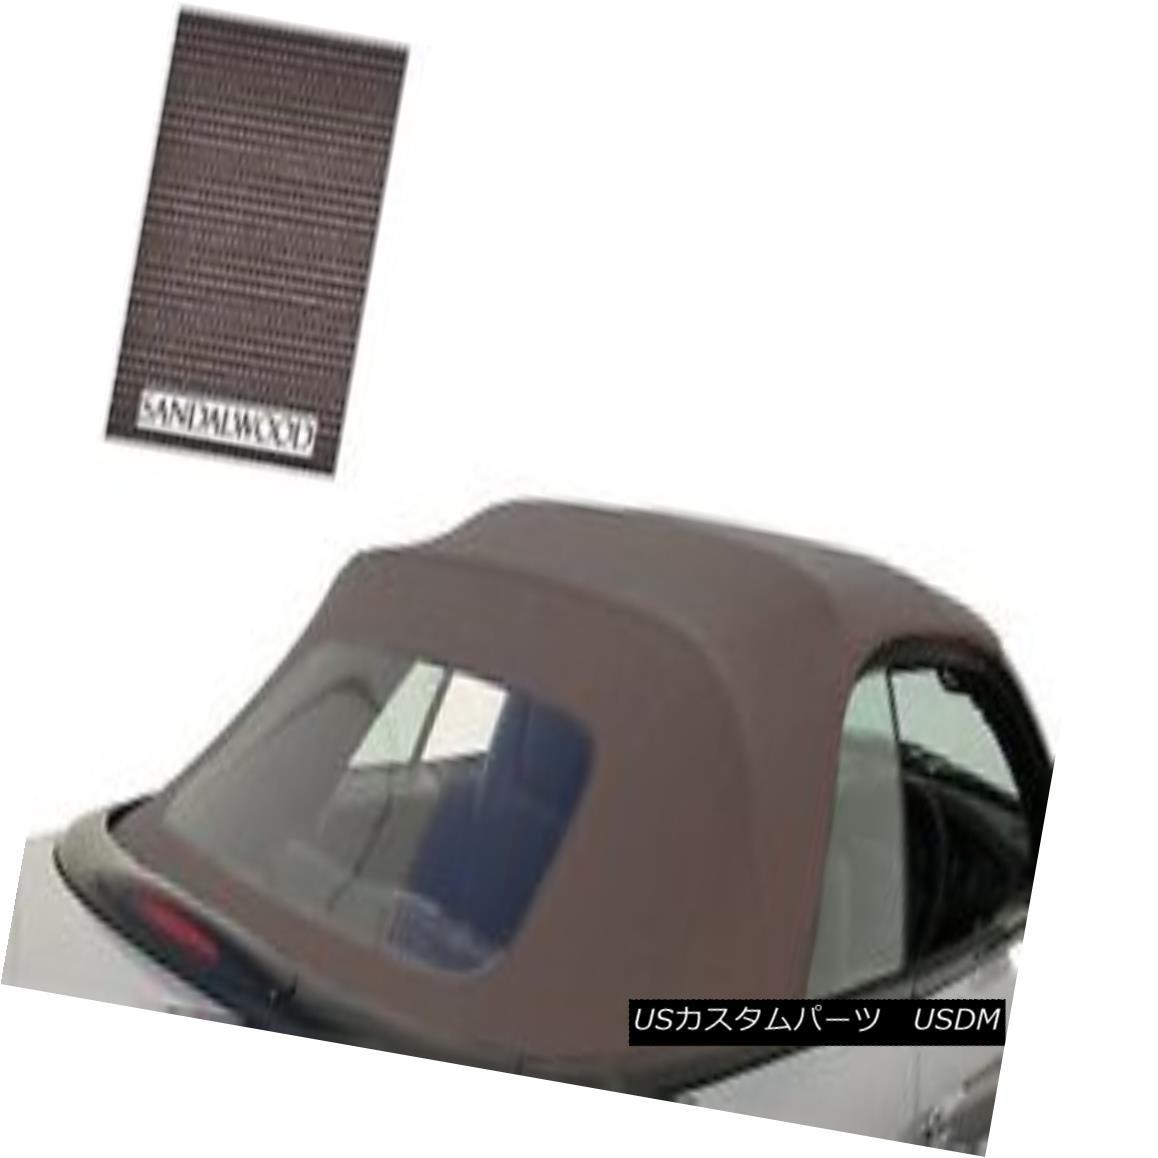 幌・ソフトトップ New Chrysler Sebring Convertible Soft Top & Plastic window Sandalwood Sailcloth 新しいクライスラーセブリングコンバーチブルソフトトップ& プラスチック製の窓サンダルウッドセイル